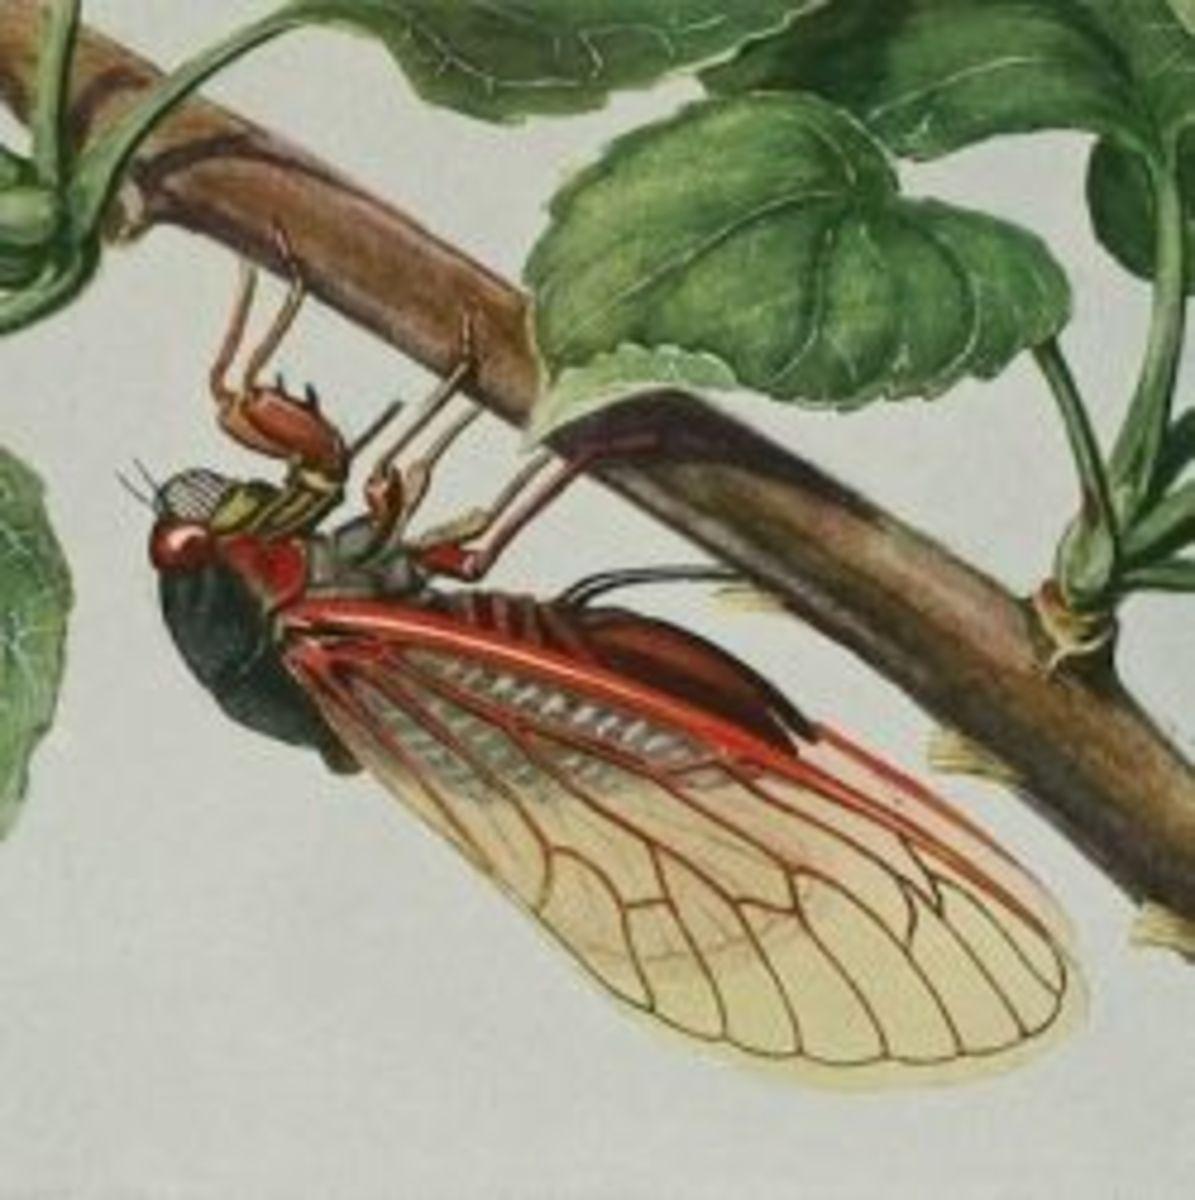 cicada-bug